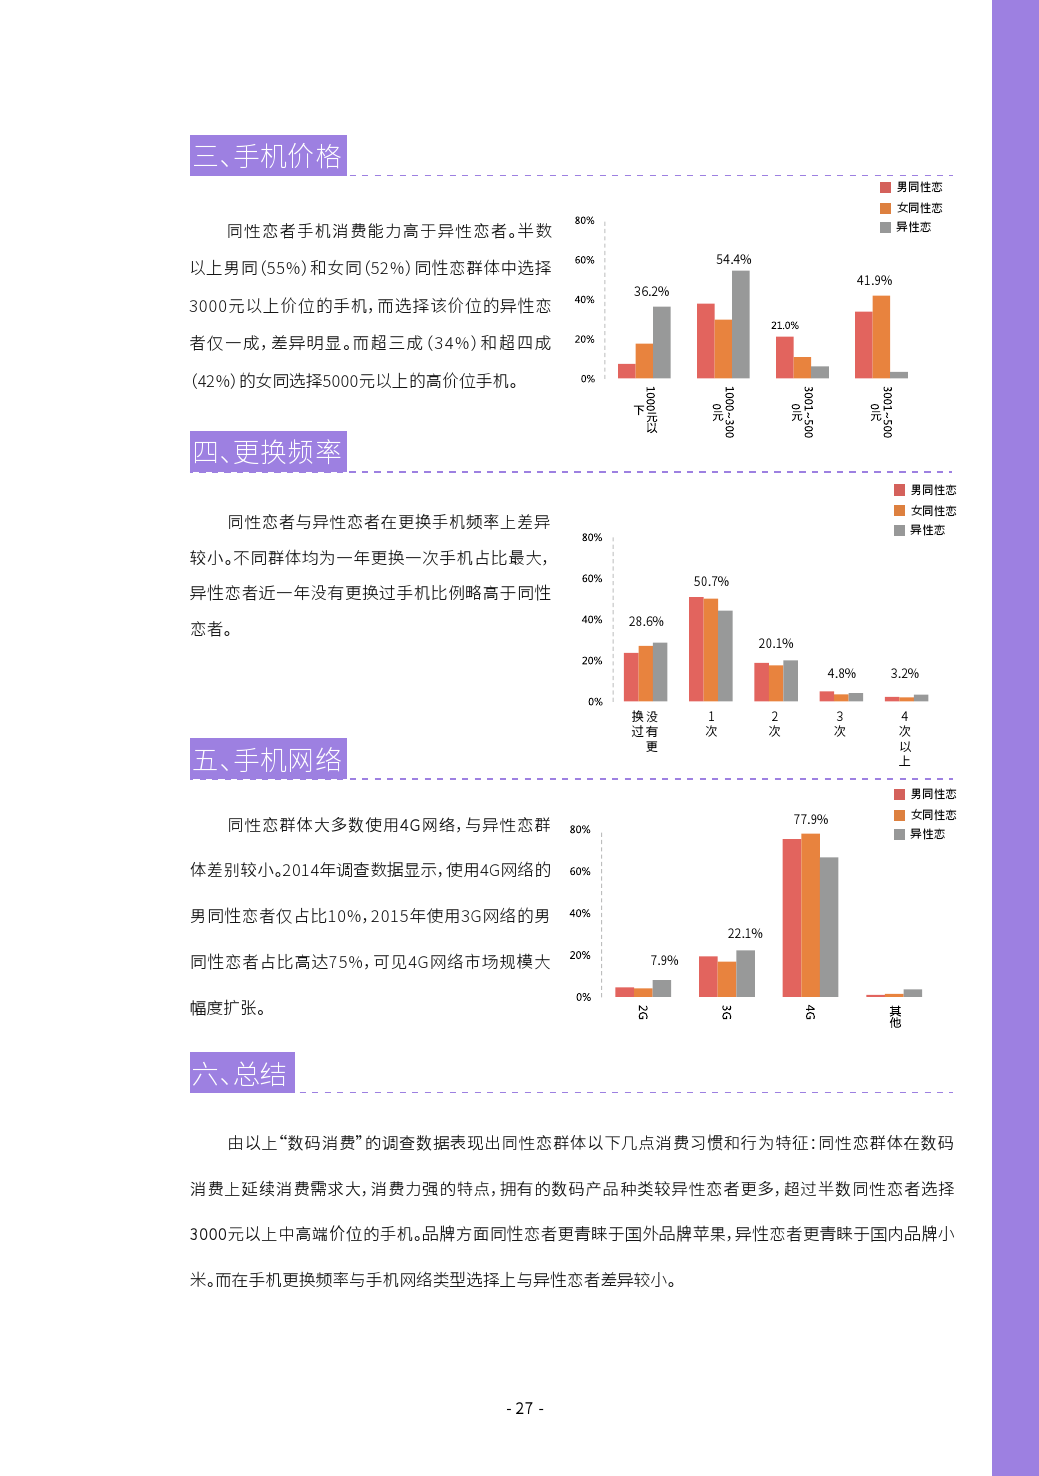 第二届中国LGBT群体消费调查报告_000027